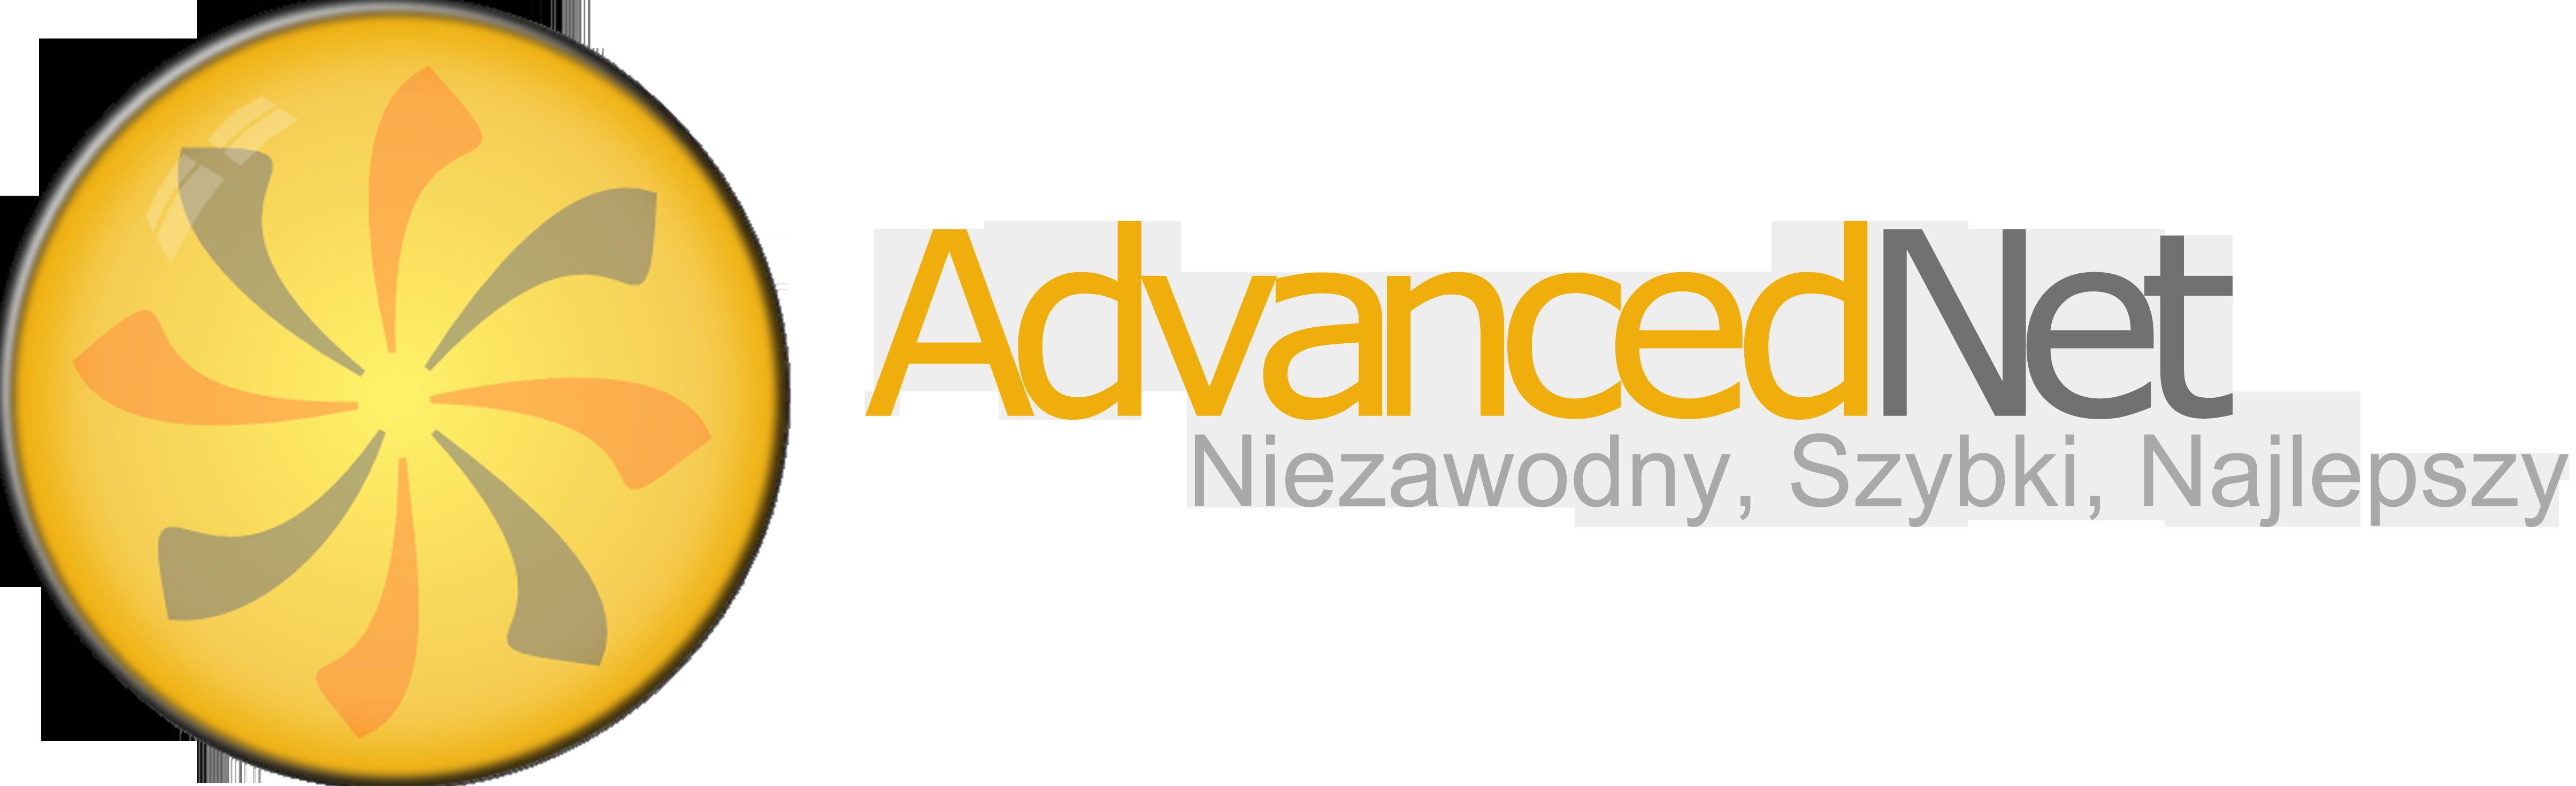 Tanie serwery VPS w Polsce, szybkie serwery dedykowane, hosting, tworzenie stron www